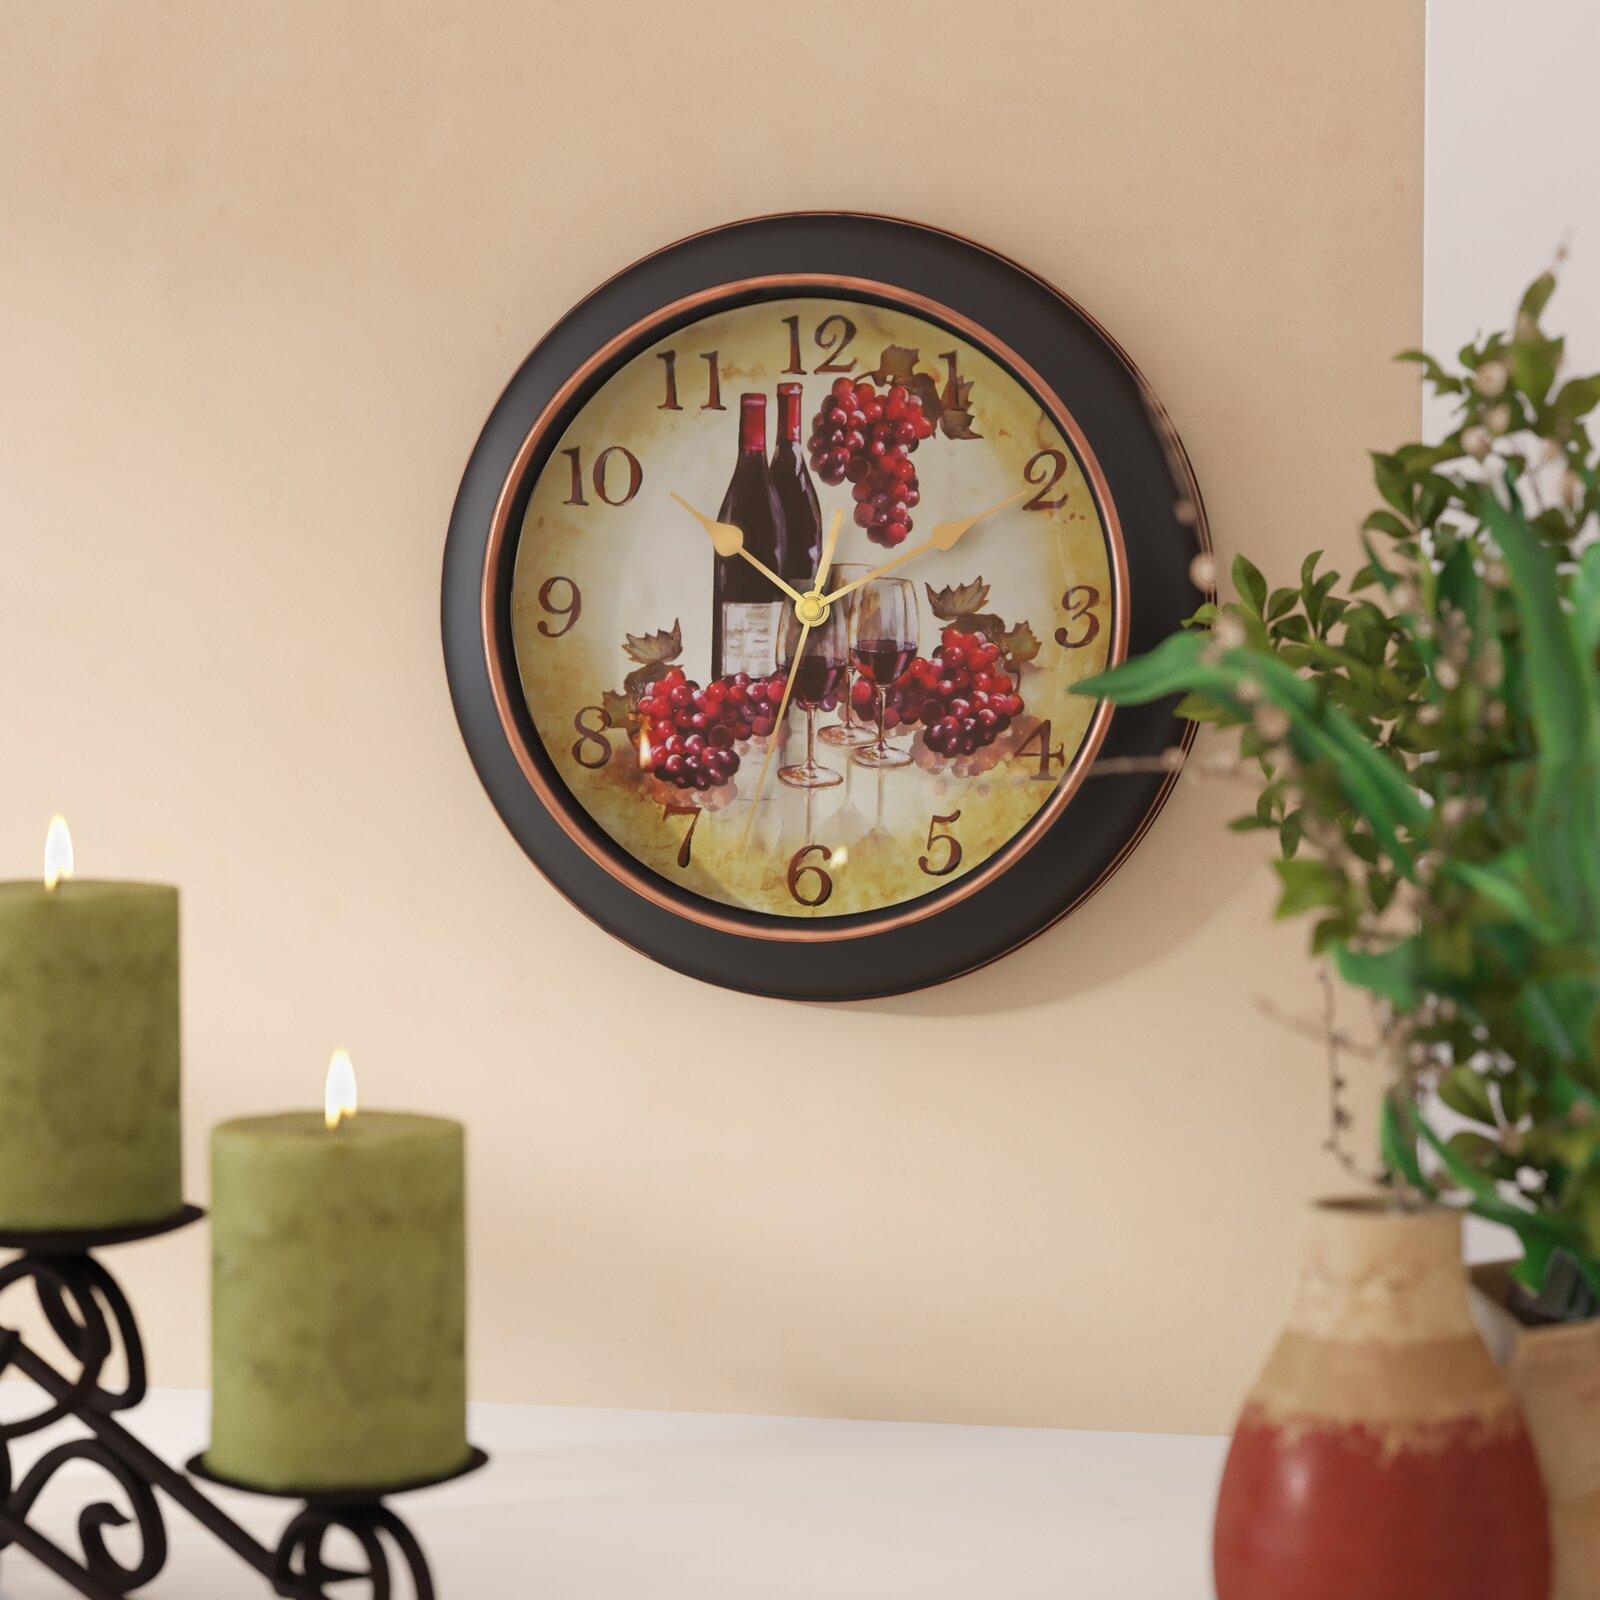 Wine Wall Clock - Kitchen Wall Art - Howa Wall Clock